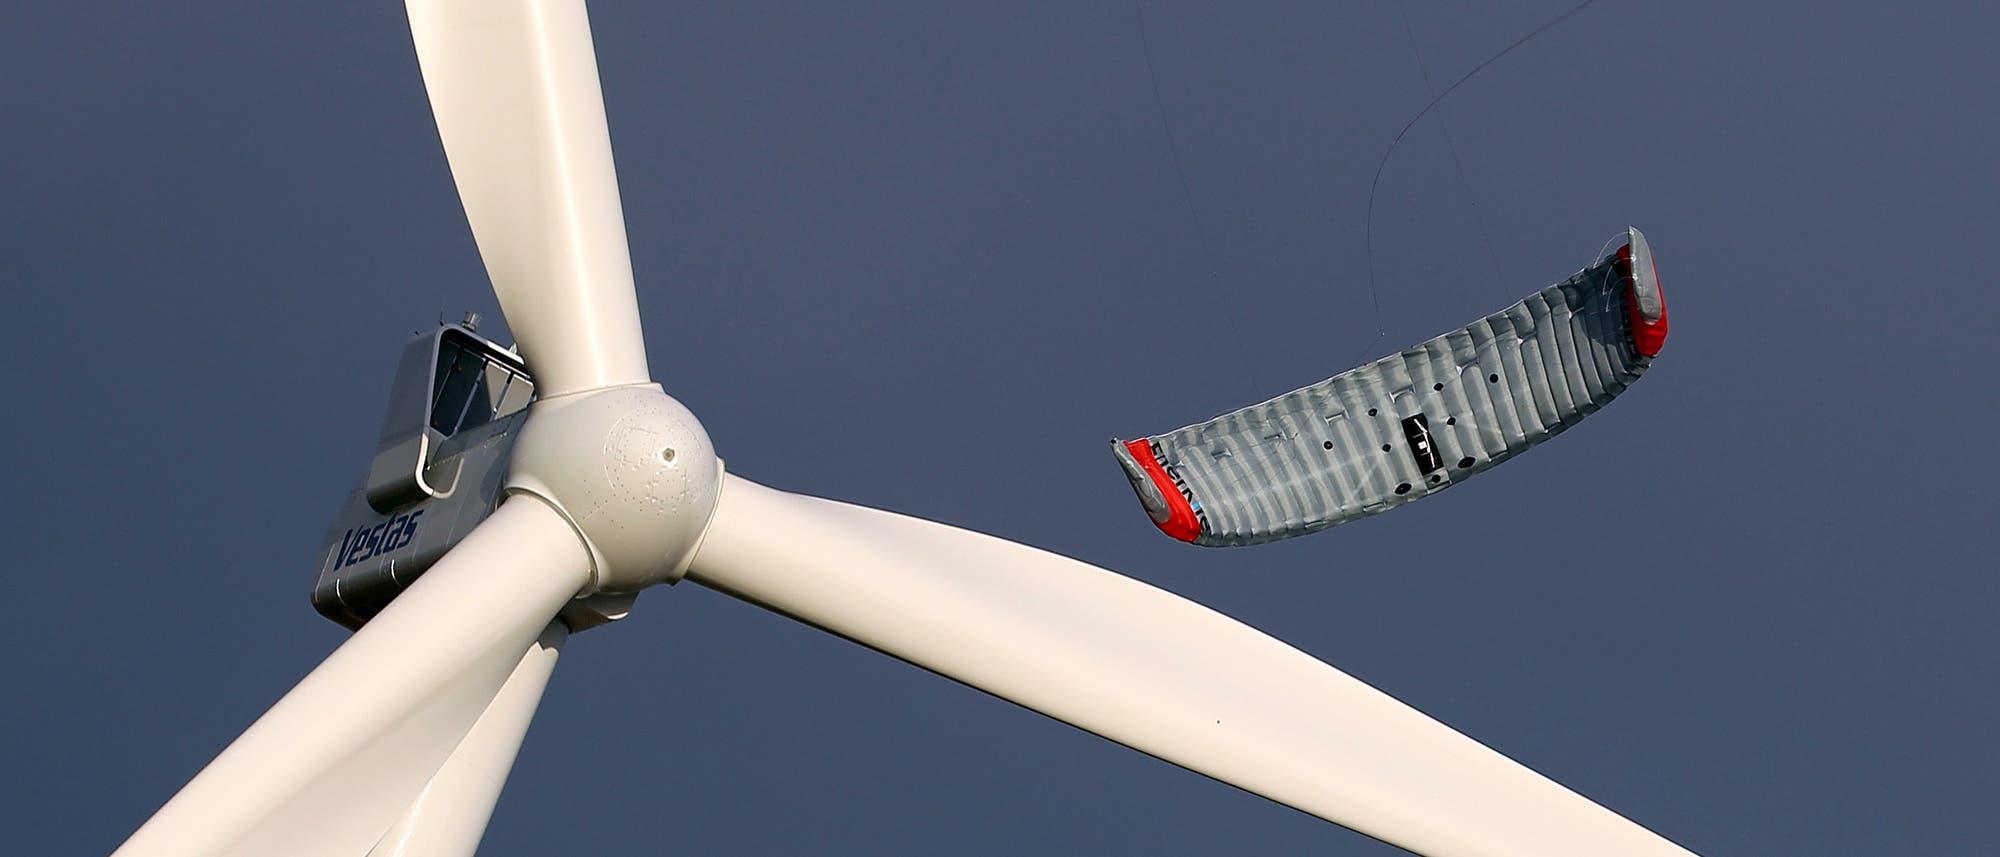 Der Prototyp eines Windenergie-Drachens hinter dem Rotor eines stationären Windrads.